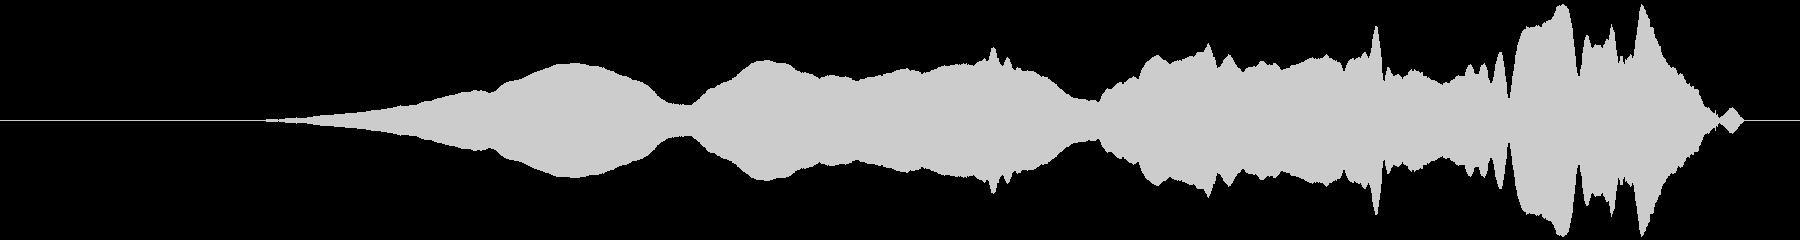 うねる風 オノマトペ(上昇)ヒヨヒヨ…の未再生の波形